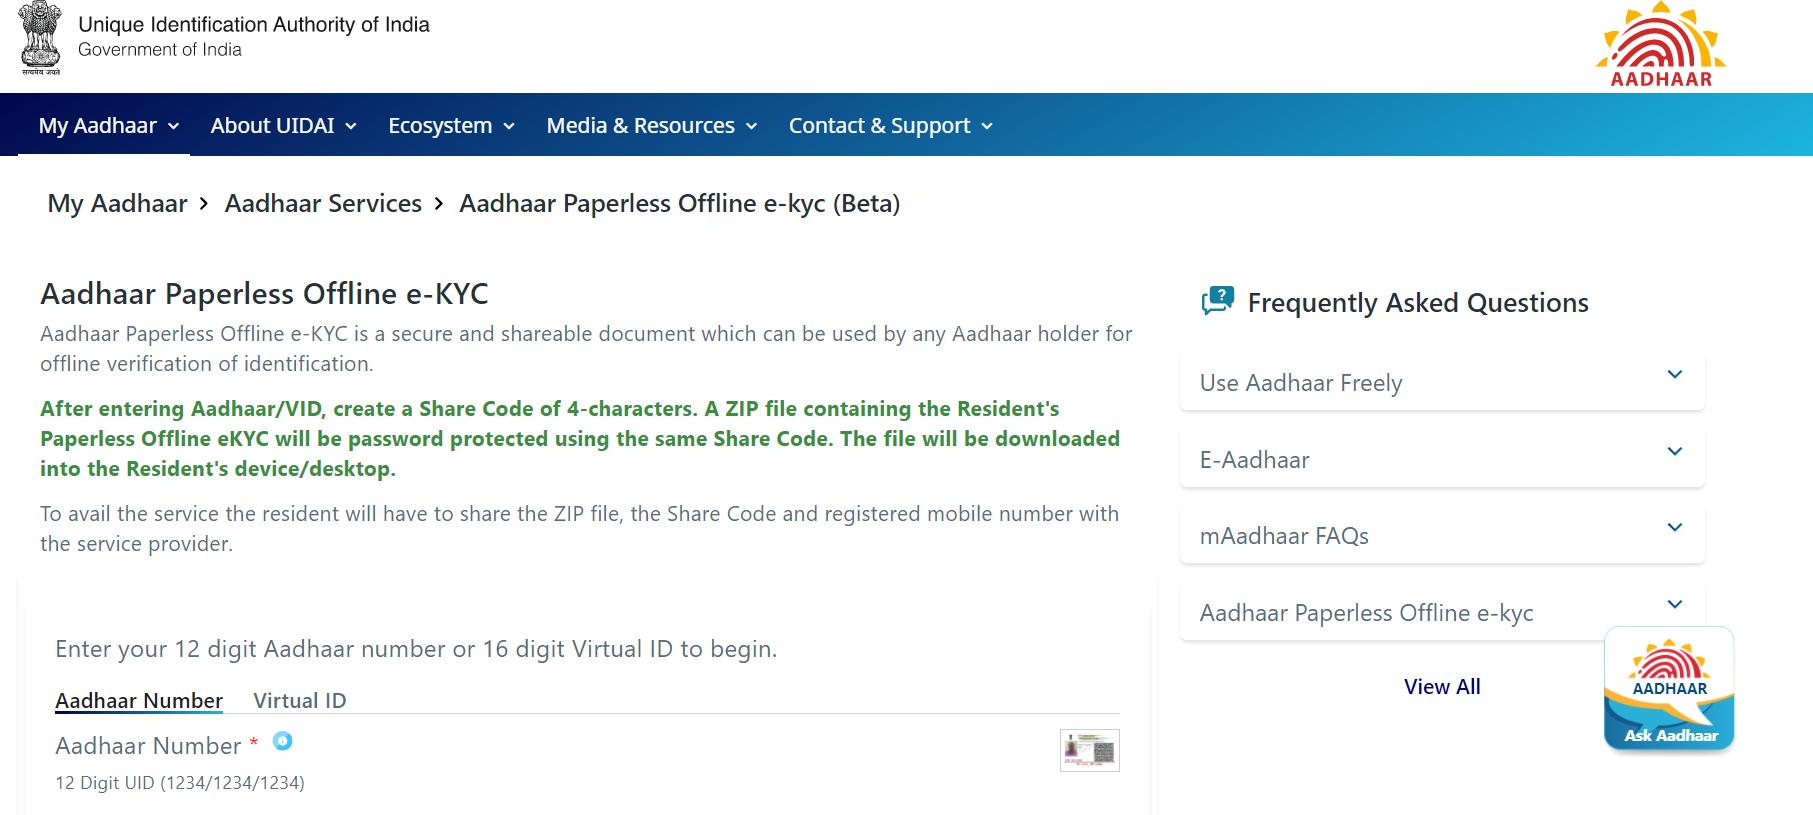 aadhaar paperless offline e-kyc